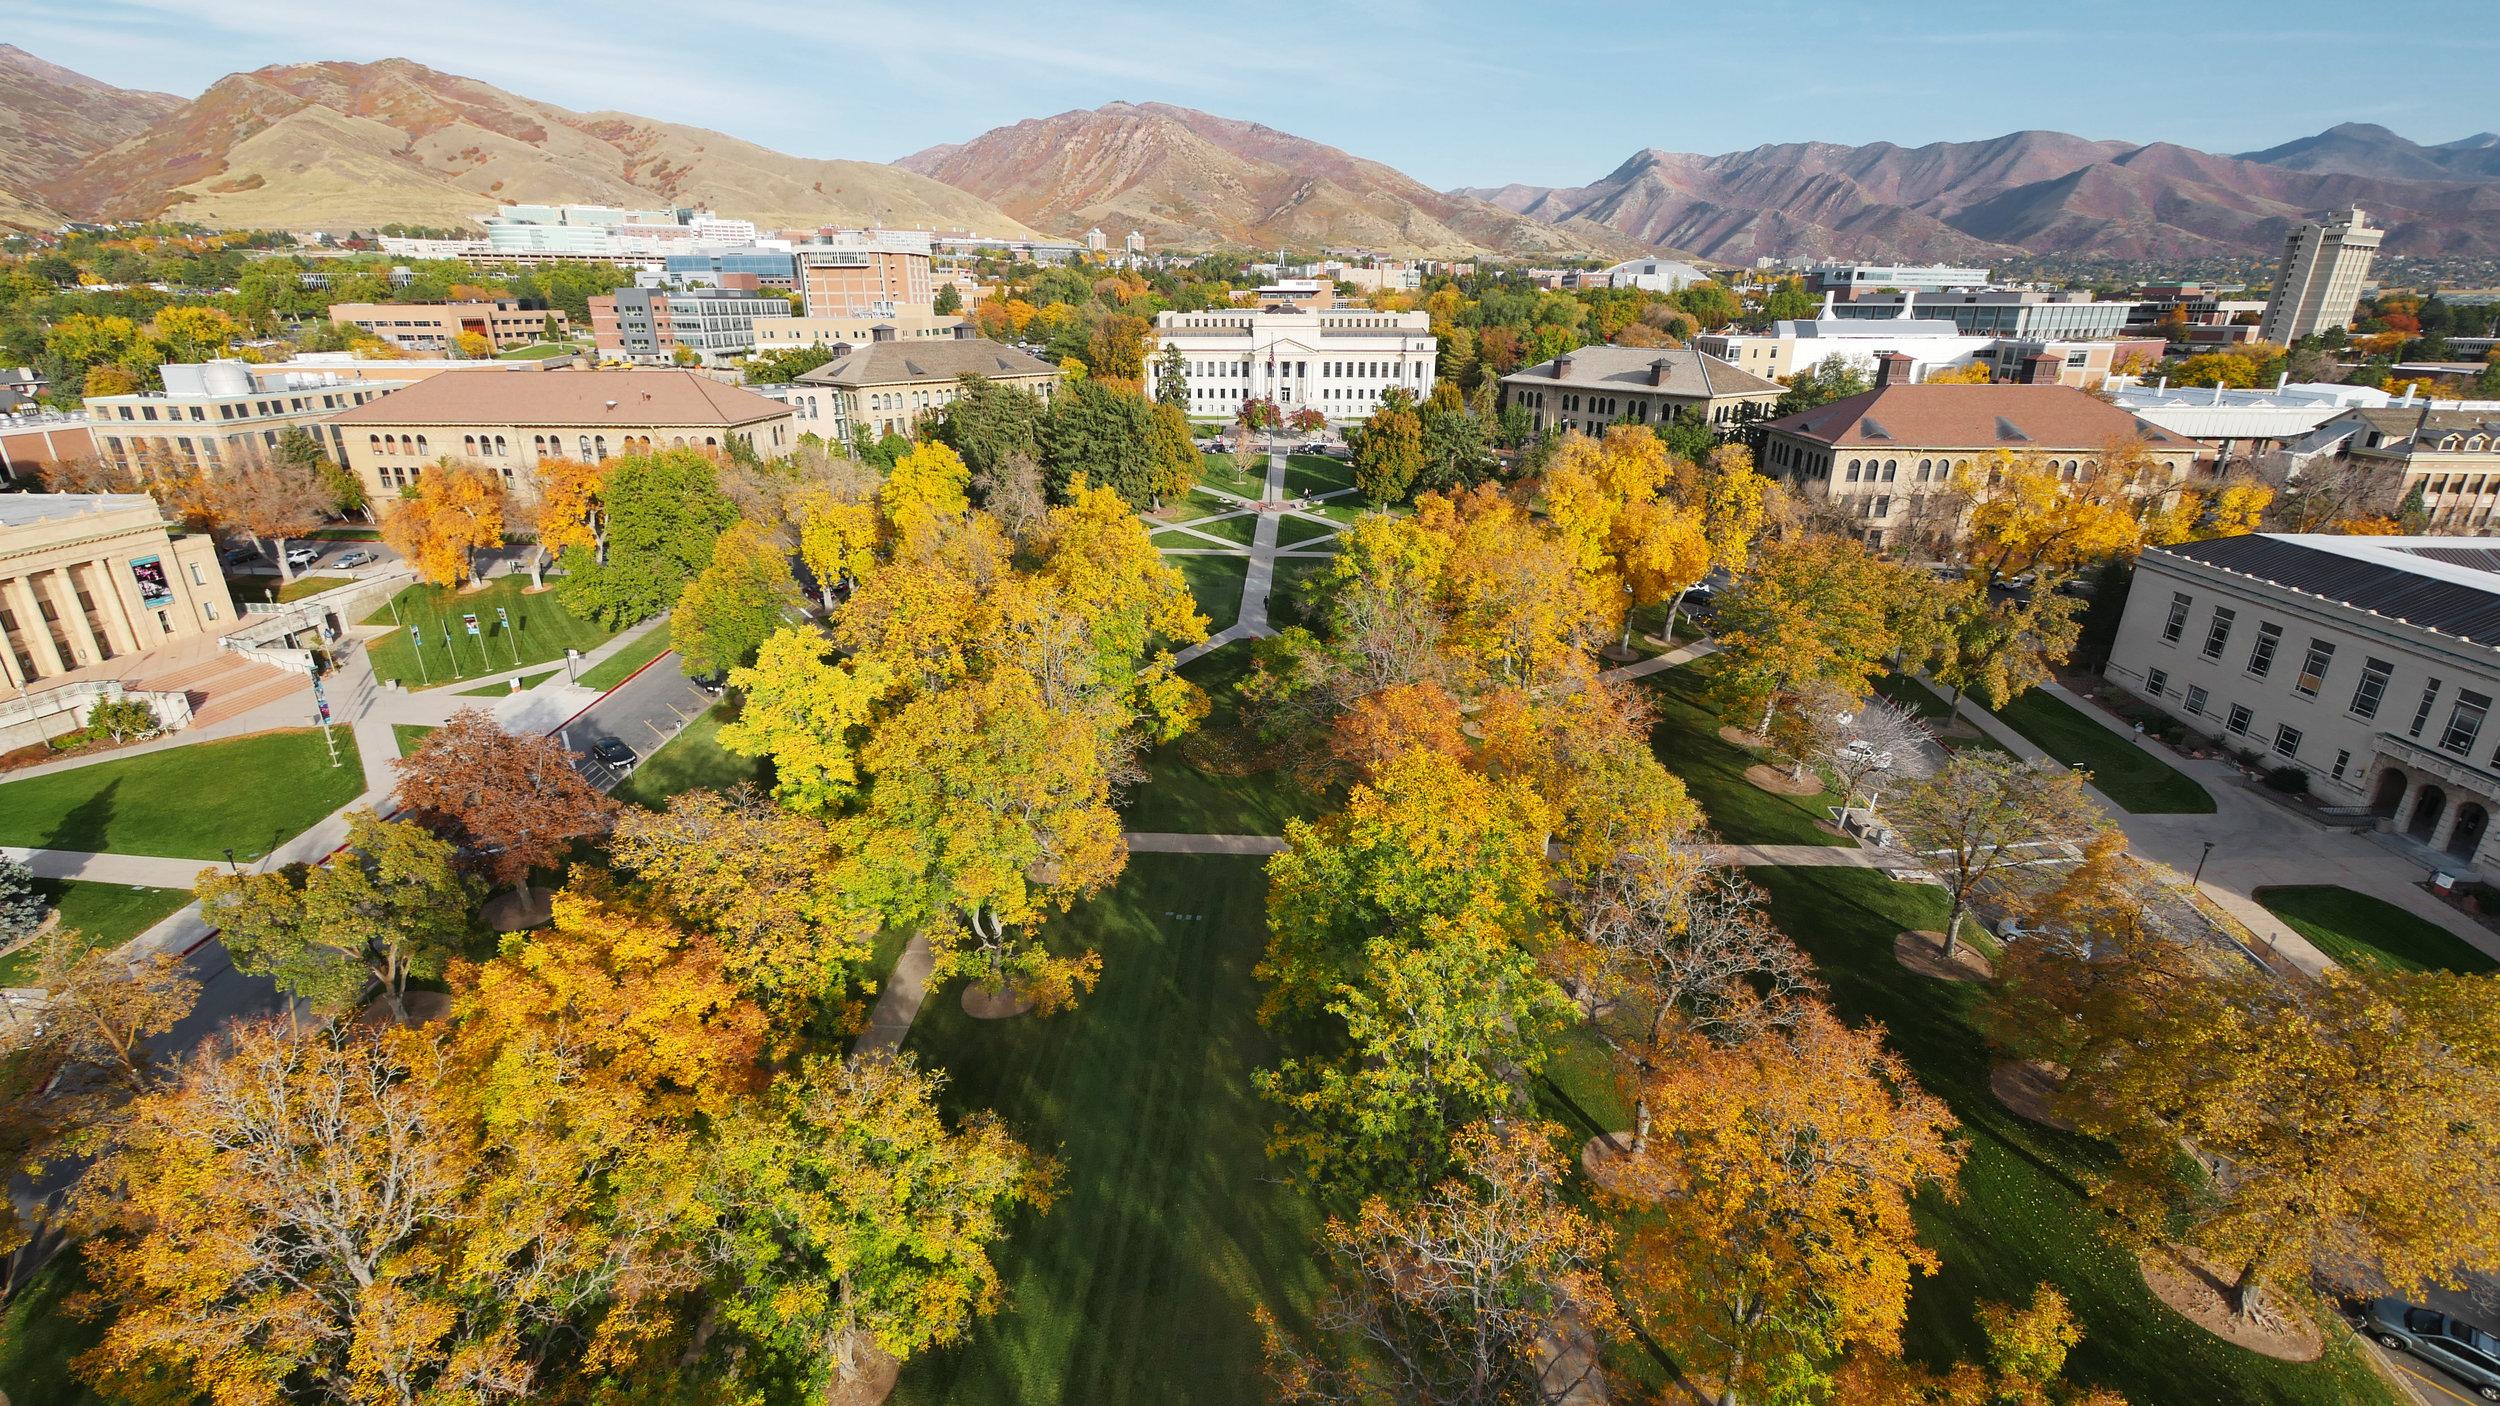 Bird's eye view of BYU campus in autumn.